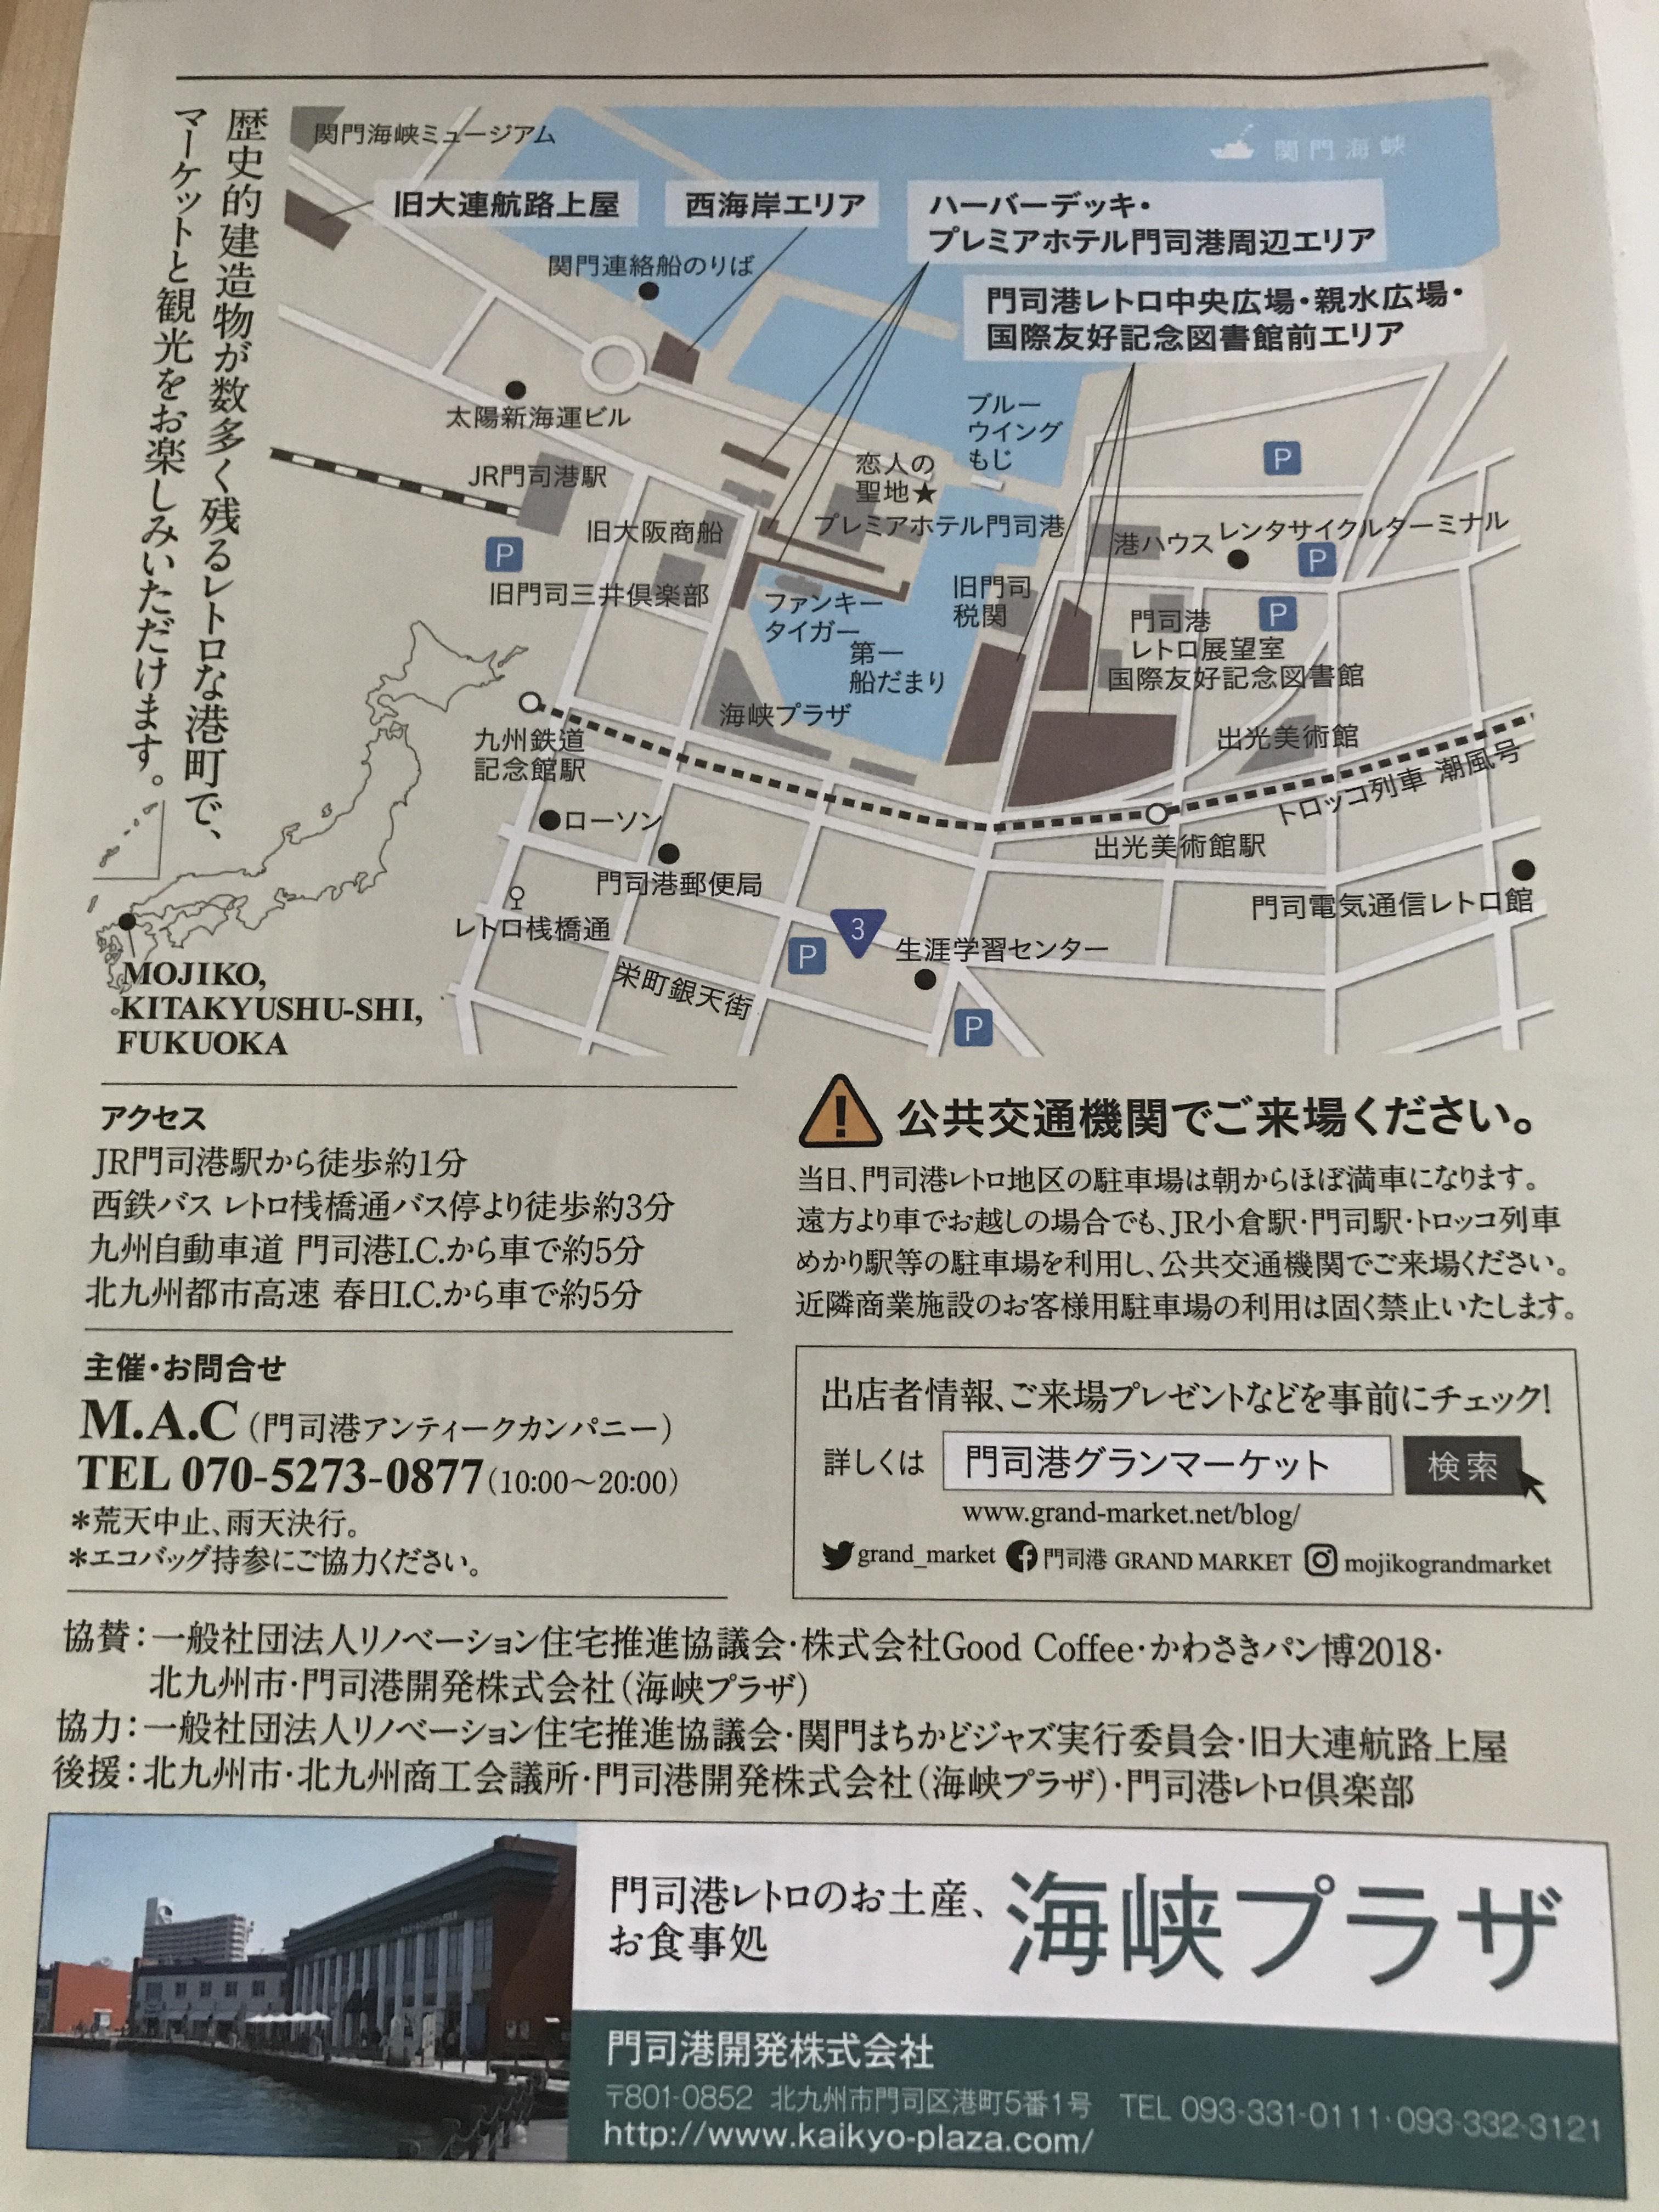 【イベント】10/21.22 門司港グランマーケット